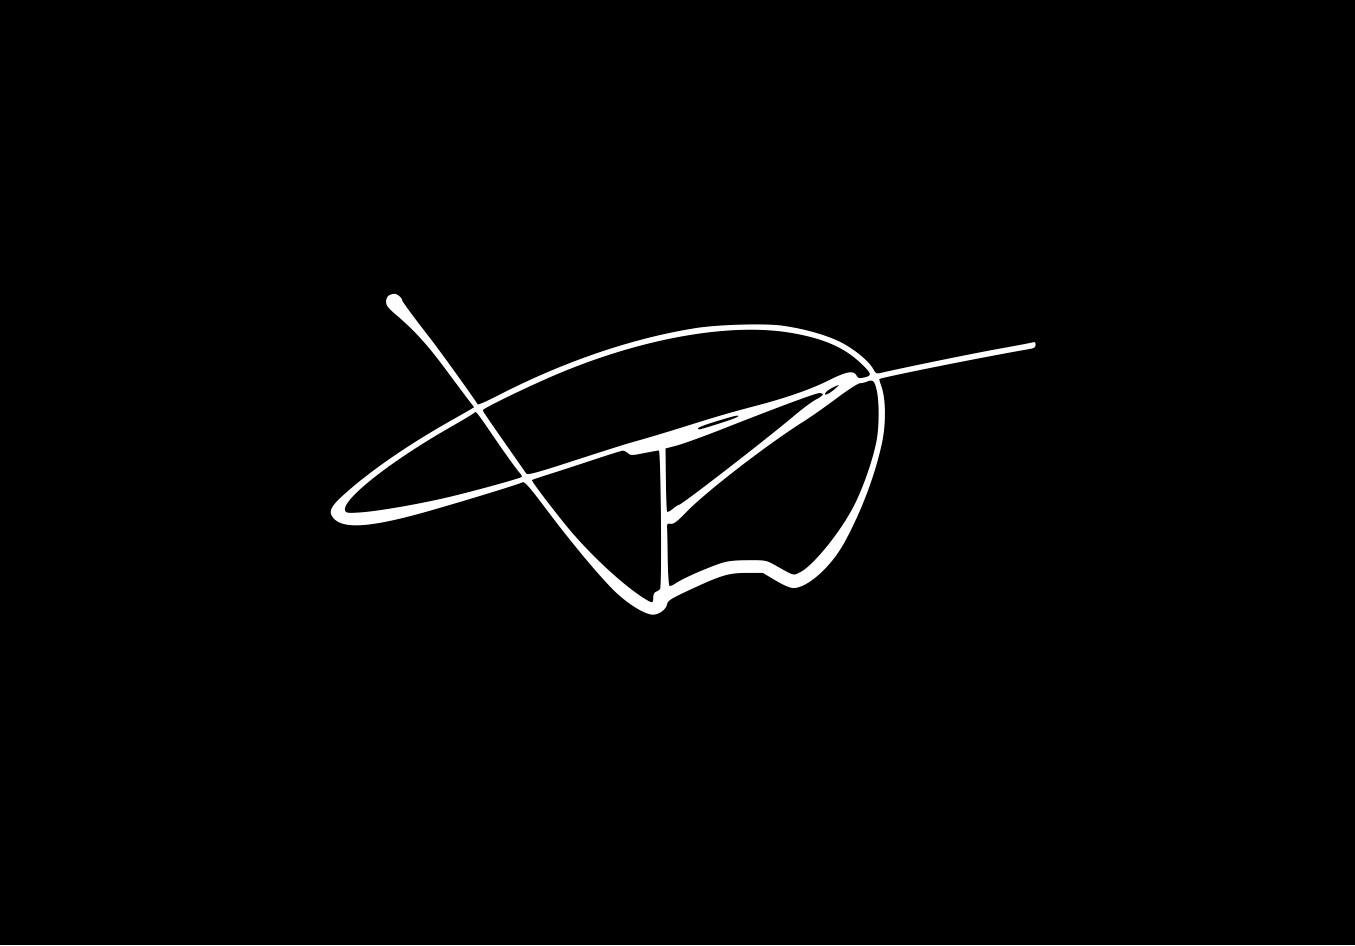 Josh Wallace - B&W Signature